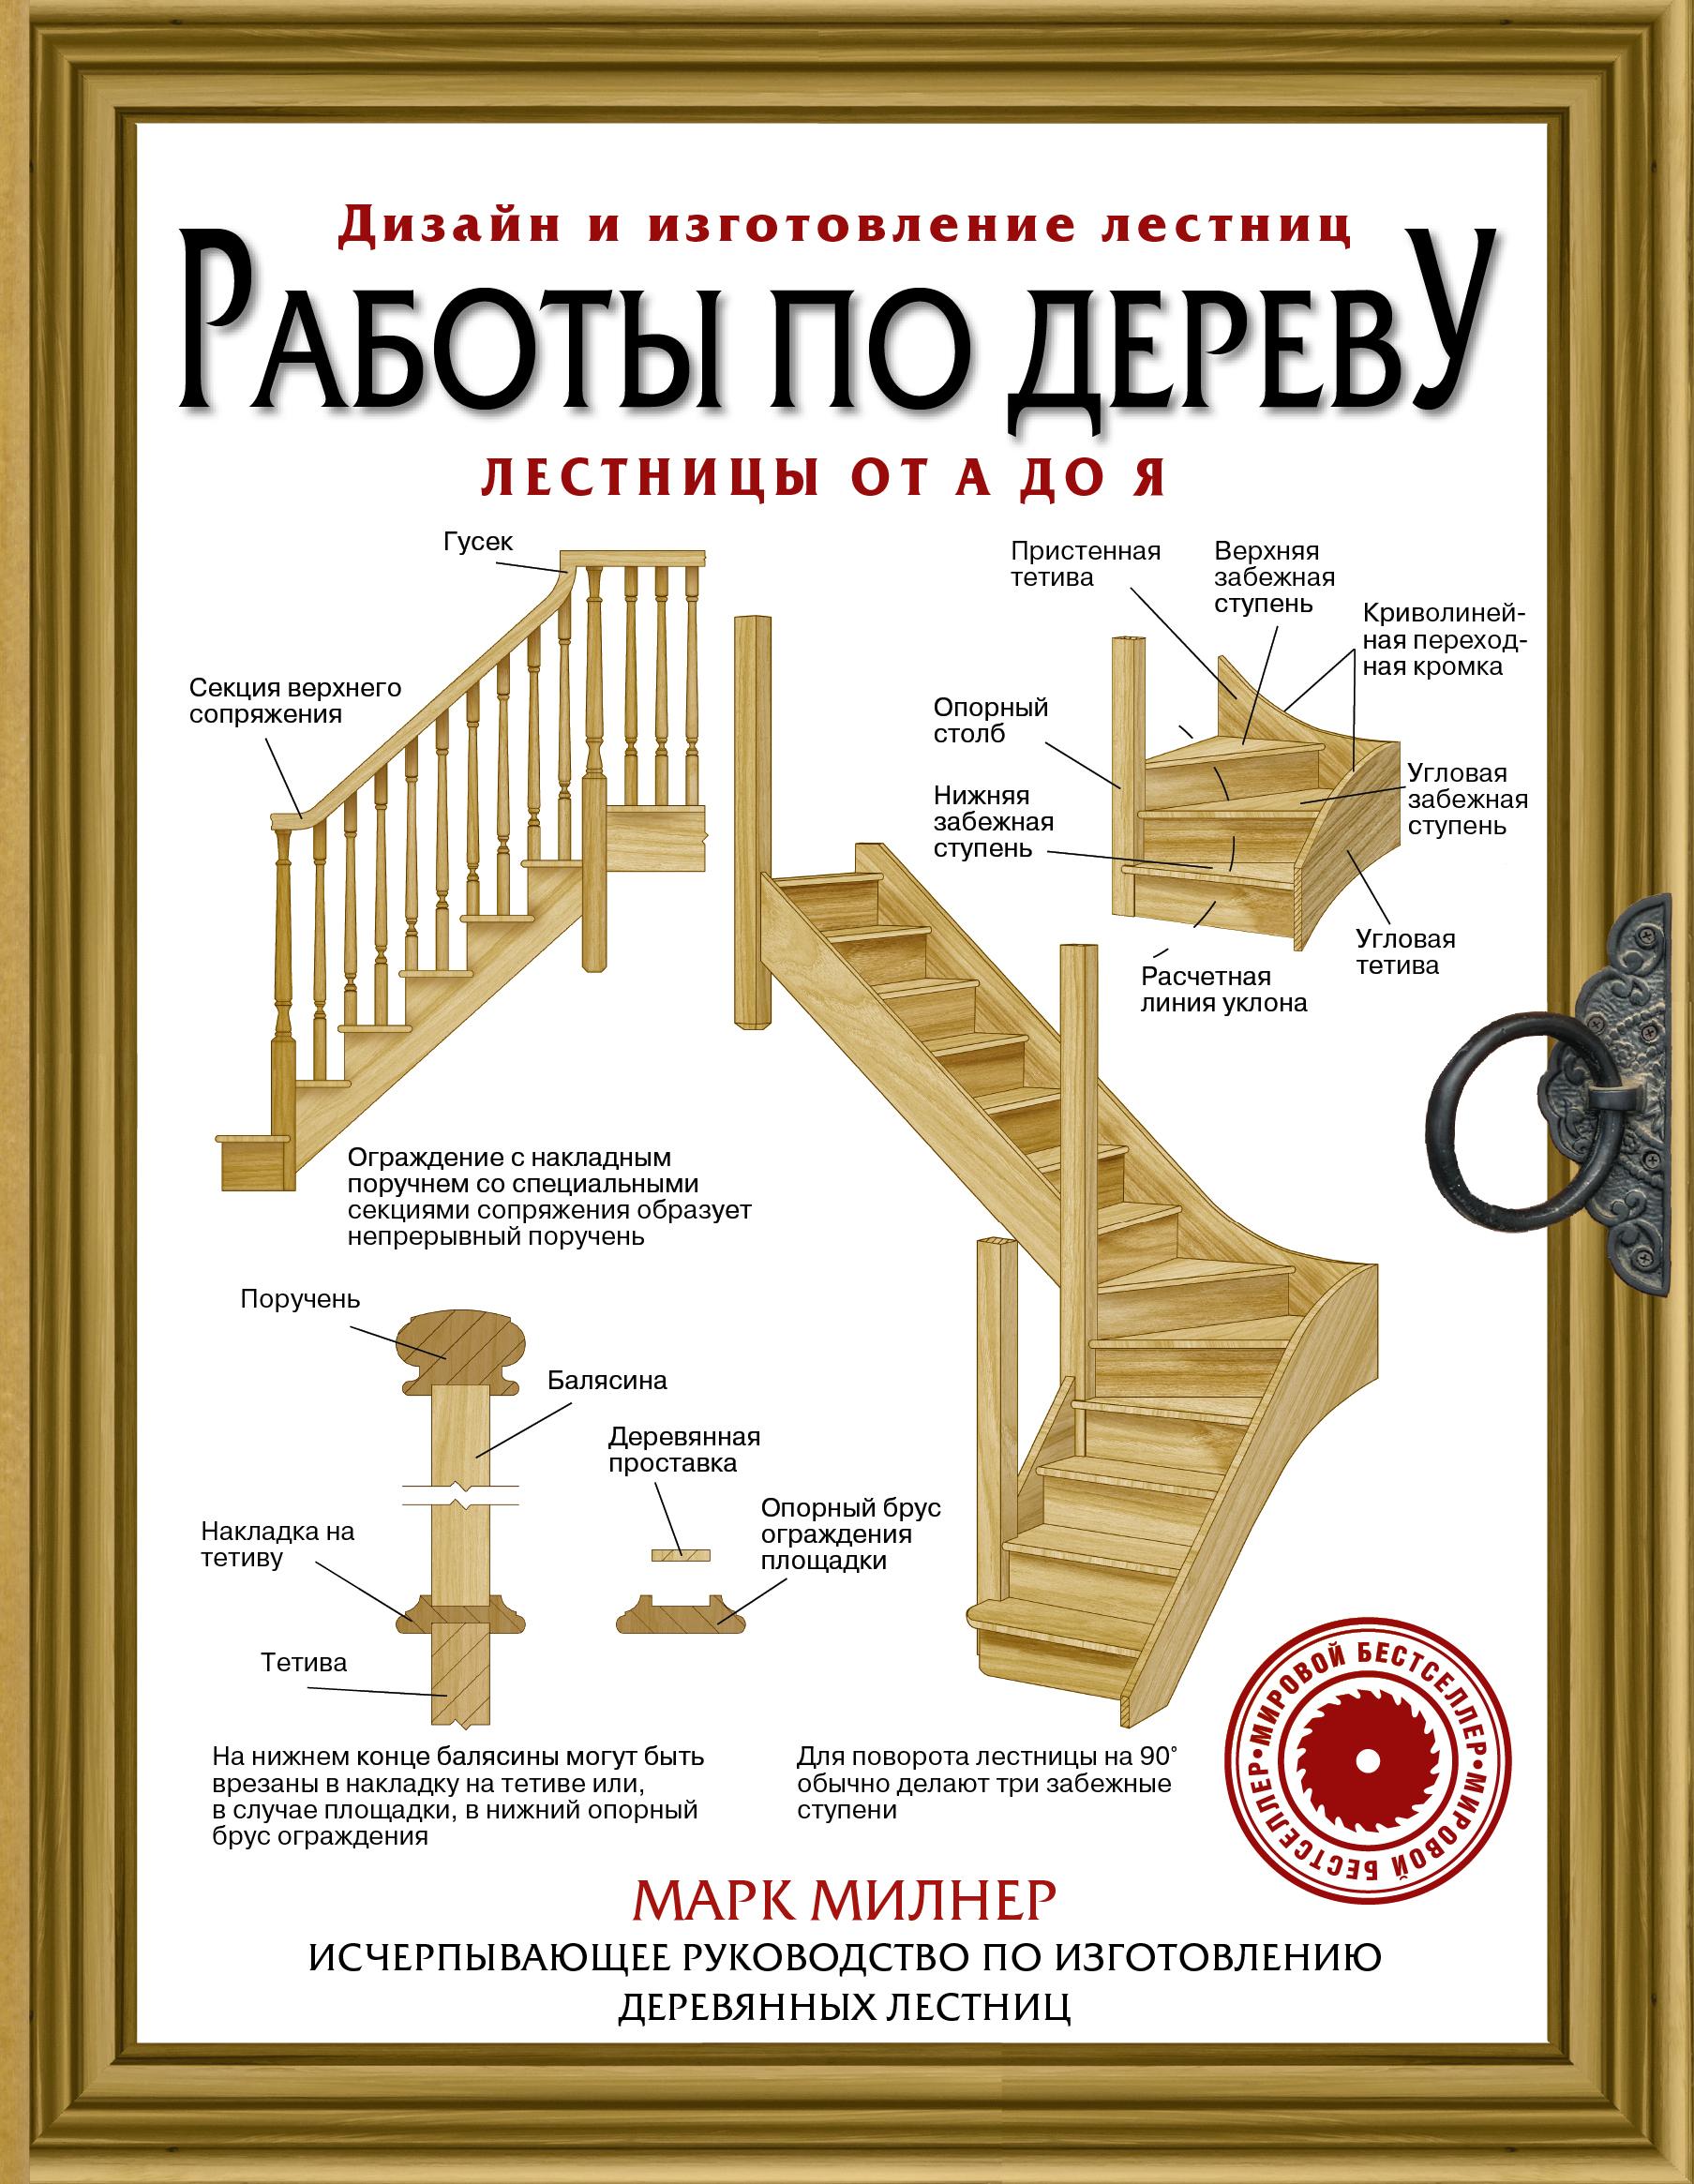 Работы по дереву. Лестницы от А до Я. Исчерпывающее руководство